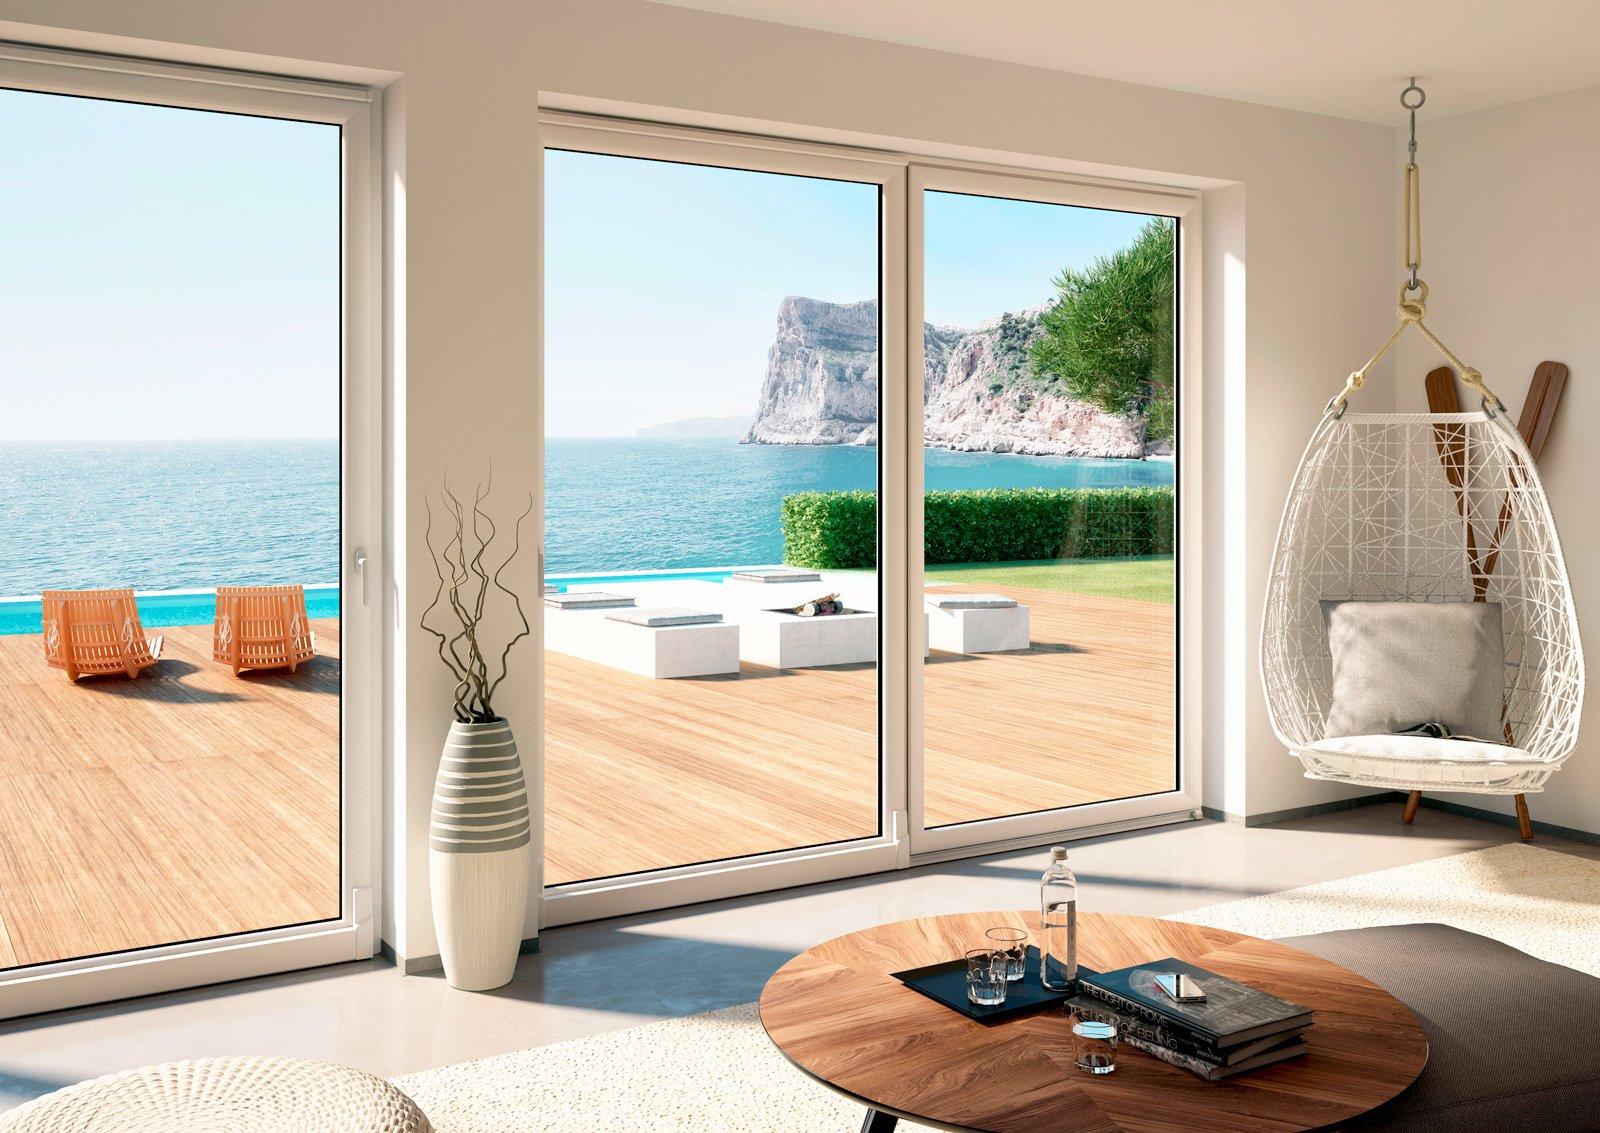 Portefinestre scorrevoli le performance di alzanti e for Misure standard finestre e portefinestre